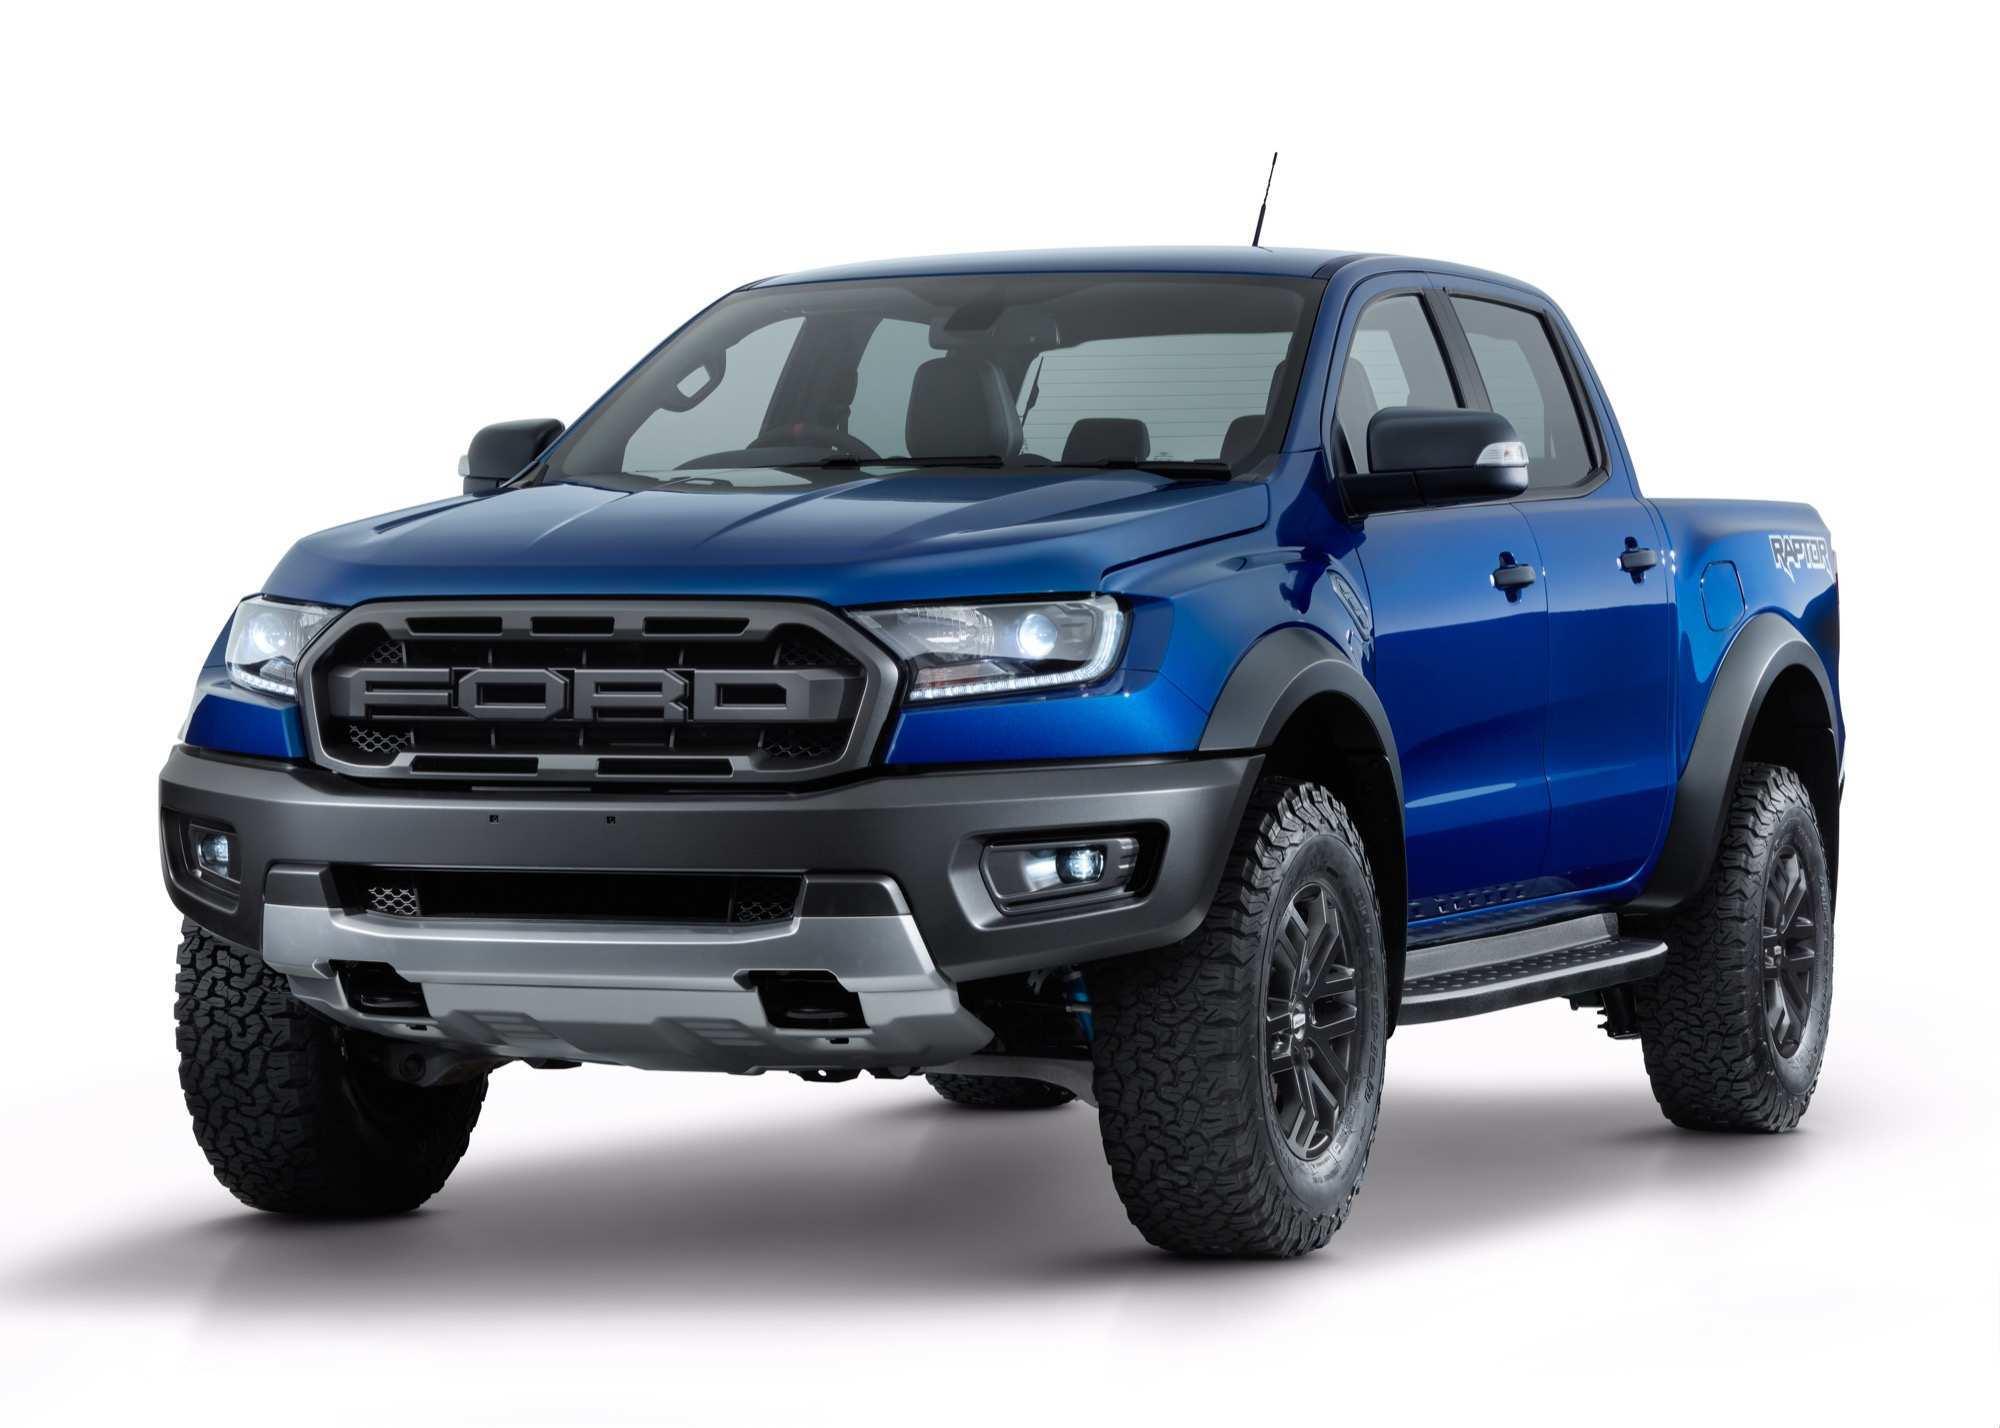 16 New 2019 Ford Velociraptor Price New Review for 2019 Ford Velociraptor Price